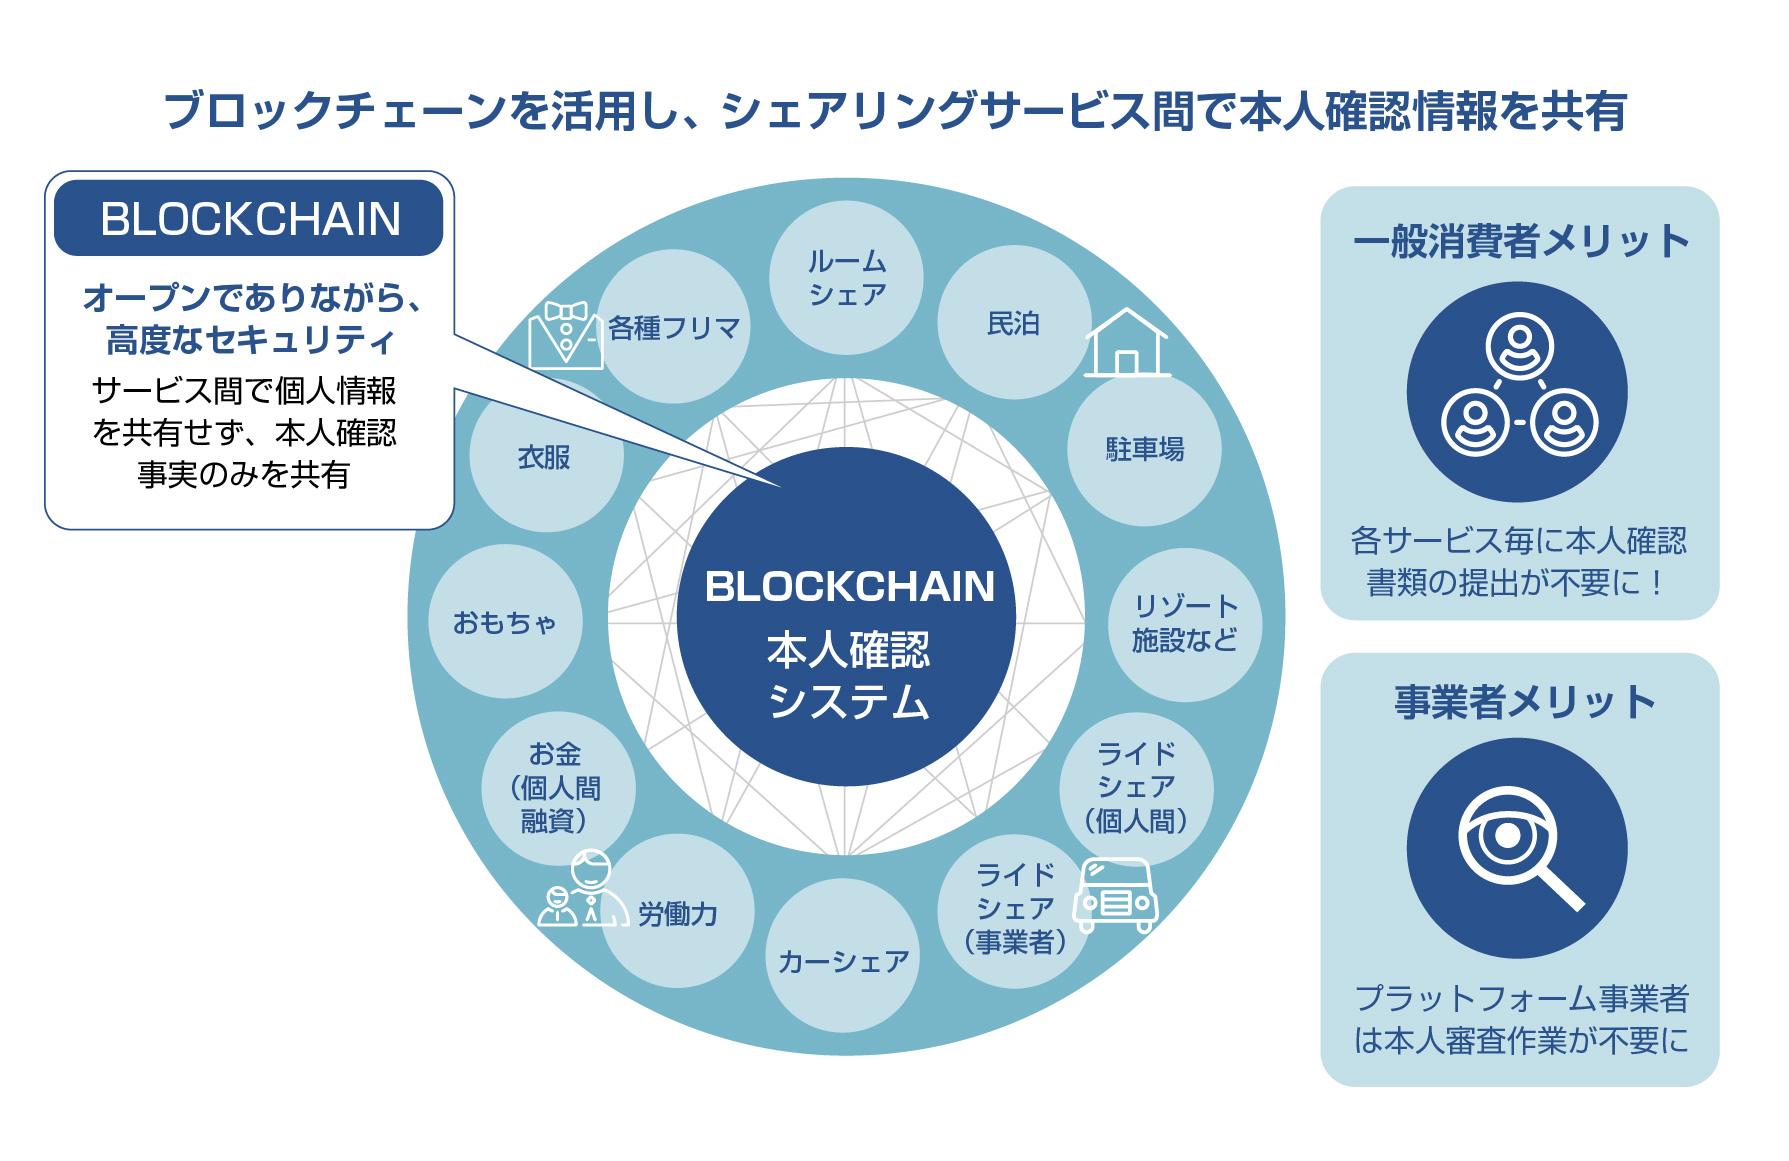 ブロックチェーンを活用した本人確認サービスの実証実験を開始します